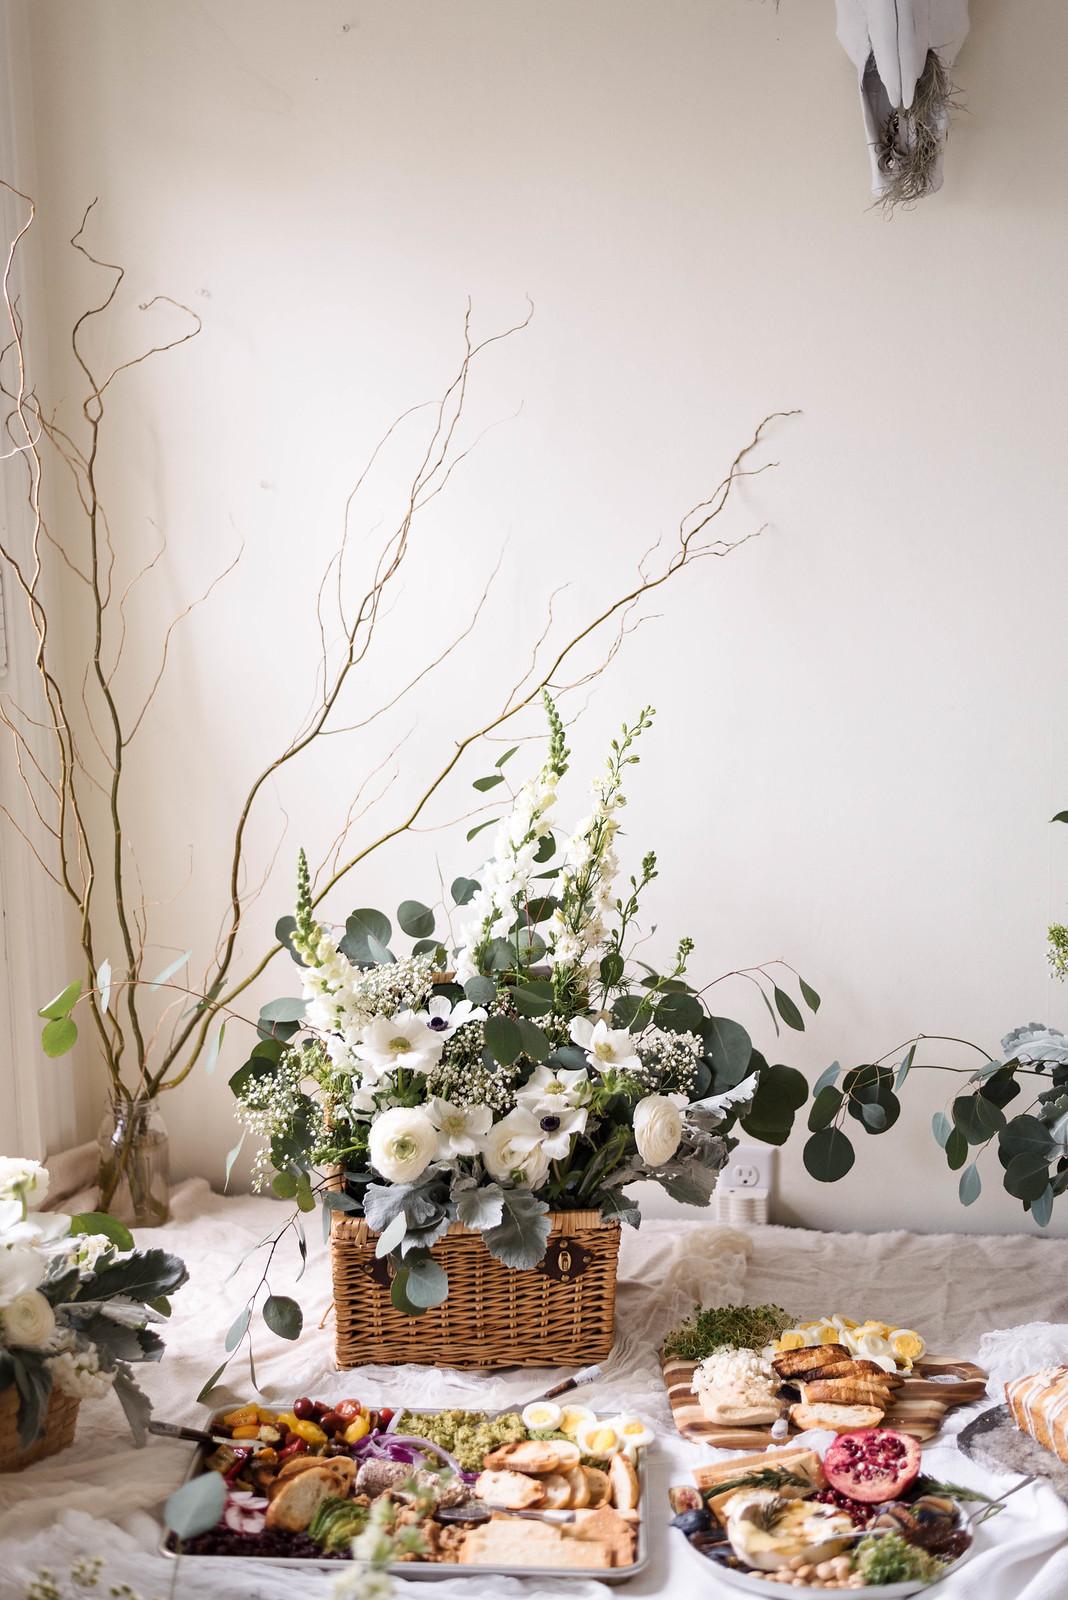 Indoor Picnic Ideas on http://juliettelaura.blogspot.com/